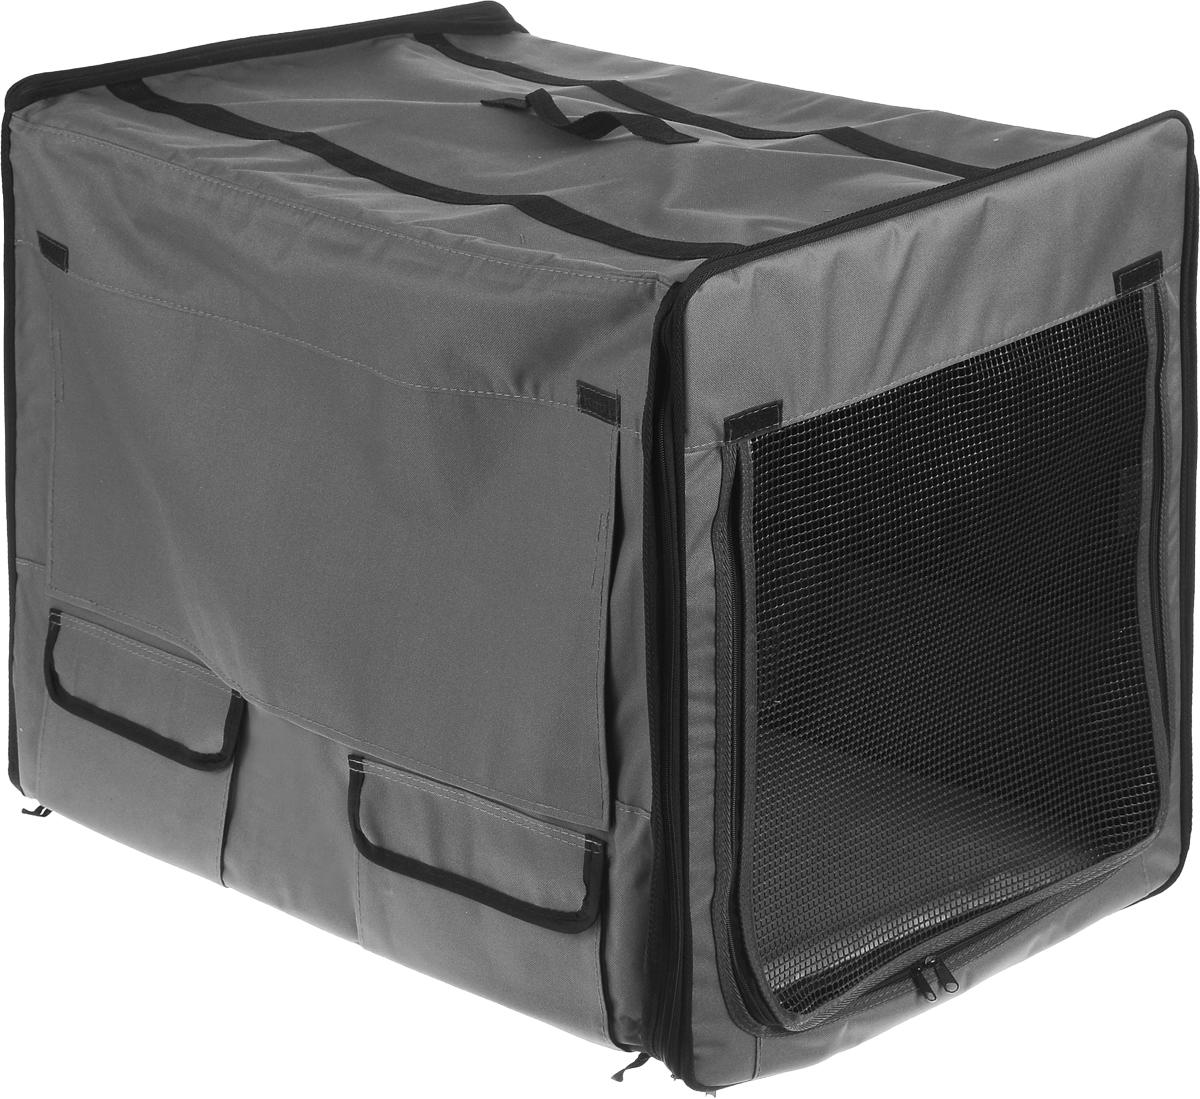 Клетка для животных Заря-Плюс, выставочная, цвет: серый, 75 х 60 х 50 смКТС2тсВыставочная палатка-клетка Заря-Плюс - трансформер, благодаря чему палатка легко и просто собирается и разбирается. На выставке вы самостоятельно соберете палатку за несколько минут, застегнув молнии с двух сторон палатки.Лицевая и обратная стороны палатки выполнены одинаково:- наполовину из сетки, которая при необходимости закрывается шторкой;- в открытом состоянии шторка фиксируется с помощью липучки;- имеется 2 больших кармана для мелочей.Одна из боковых частей палатки выполнена из сетки, которая пристегивается с помощью молнии.В открытом состоянии сетку можно закрепить с помощью липучек.Другая боковая часть палатки выполнена наполовину из сетки, которая при необходимости закрывается шторкой.В открытом состоянии шторка фиксируется с помощью липучки.С этой стороны палатки имеется большой карман.В комплект палатки входит съемное дно из ДВП и меховой матрац; при необходимости матрац легко снимается для стирки. Обратите внимание на оформление выставочной клетки: при необходимости вы сможете закрыть все стороны палаток с помощью шторок.В собранном виде палатка довольно компактна, при хранении занимает мало места.Палатка переносится в сумке, которая входит в комплект.Для удобной переноски чехол имеет две короткие и одну длинную ручки, также на чехле имеется 2 больших кармана.